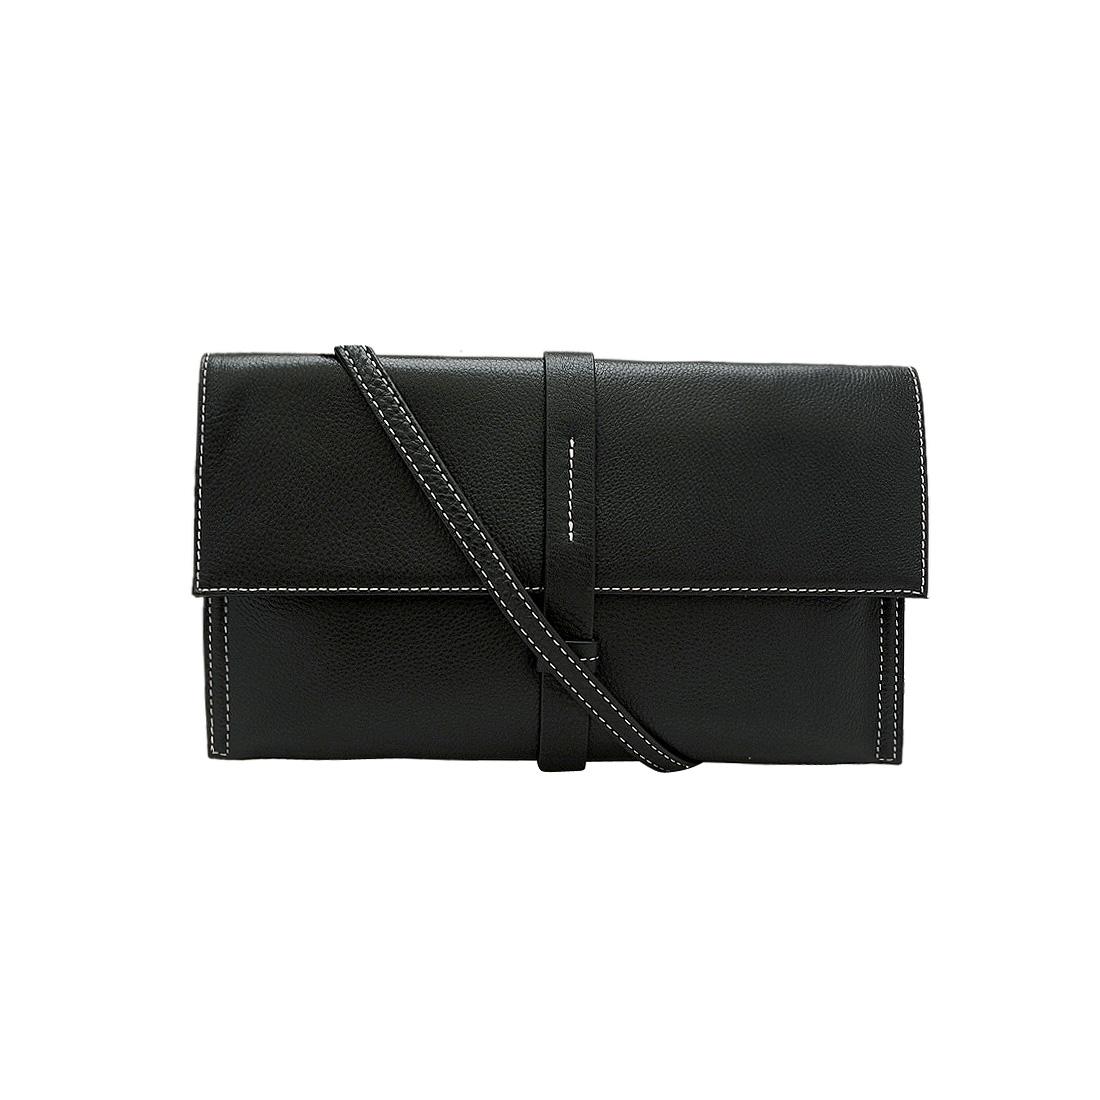 Túi đeo chéo nữ da bò thật cao cấp màu  đen ET265